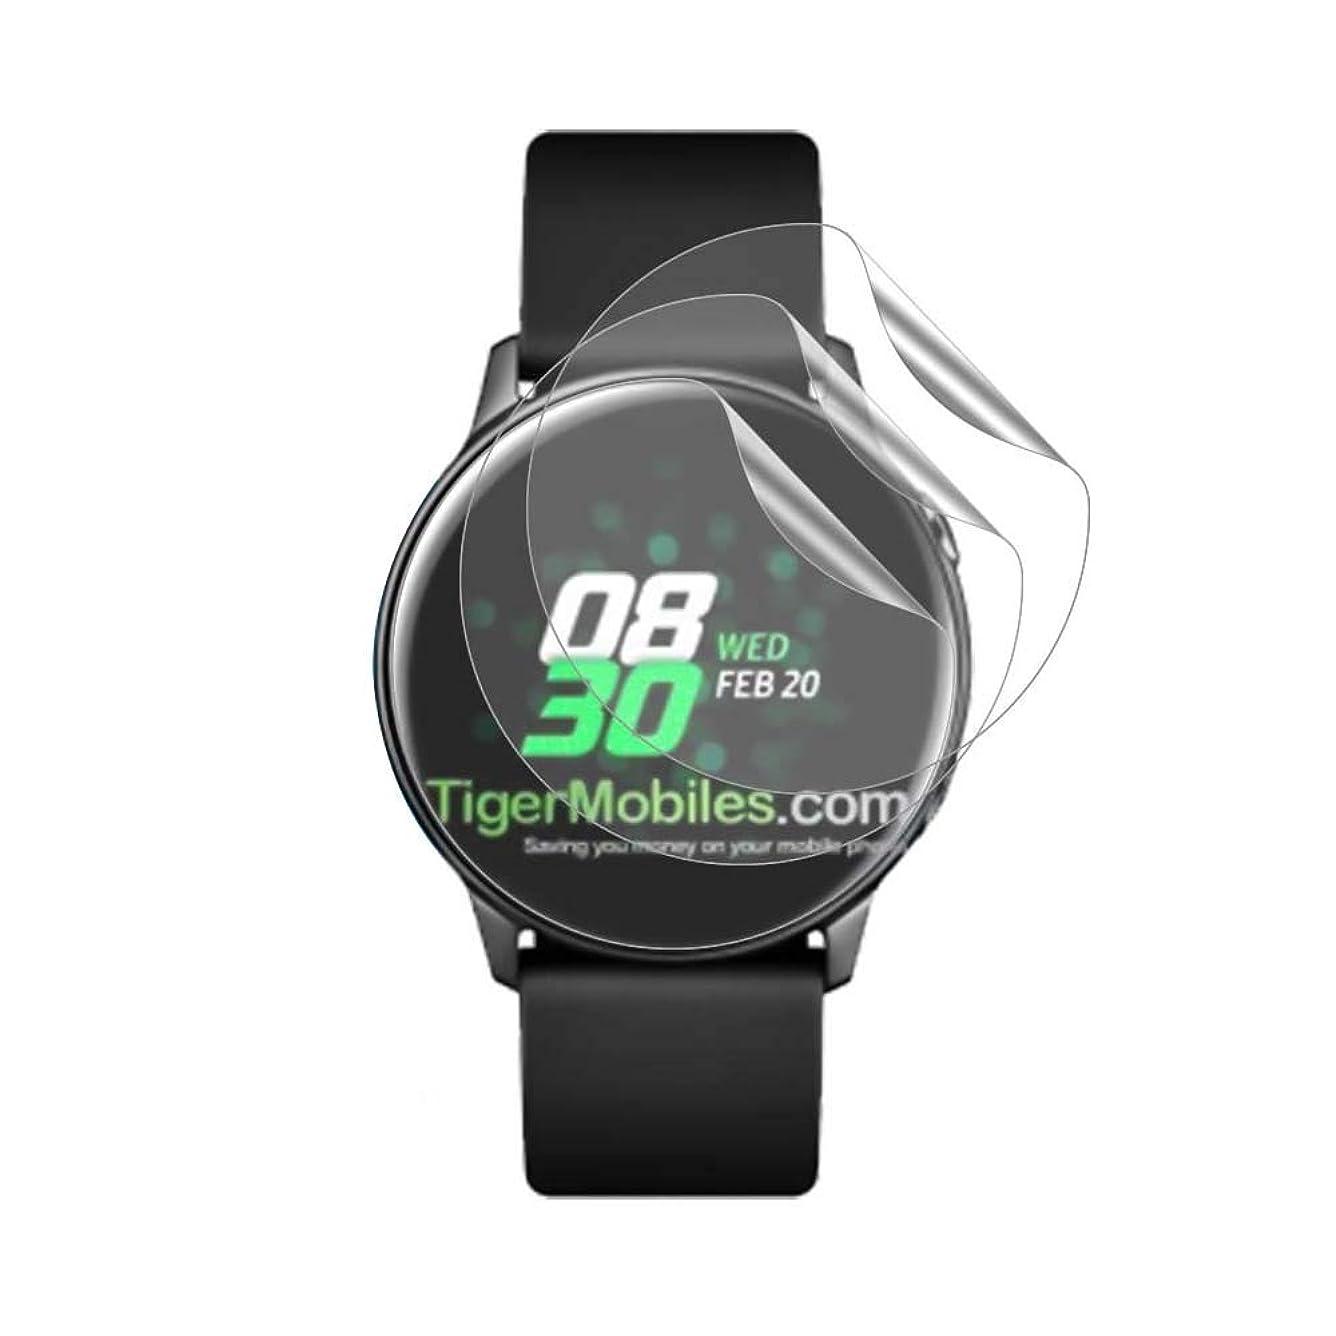 請求スコア枯渇Samsung Galaxy Watch Active 2019 40mm フィルム【3枚入り】,AROC ギャラクシーWatch Active 2019 40mm 液晶保護フィルム 超薄 柔らかいPET素材 傷修復性 光沢 気泡レス加工 Galaxy Watch Active 2019 40mm ソフトフィルム クリア